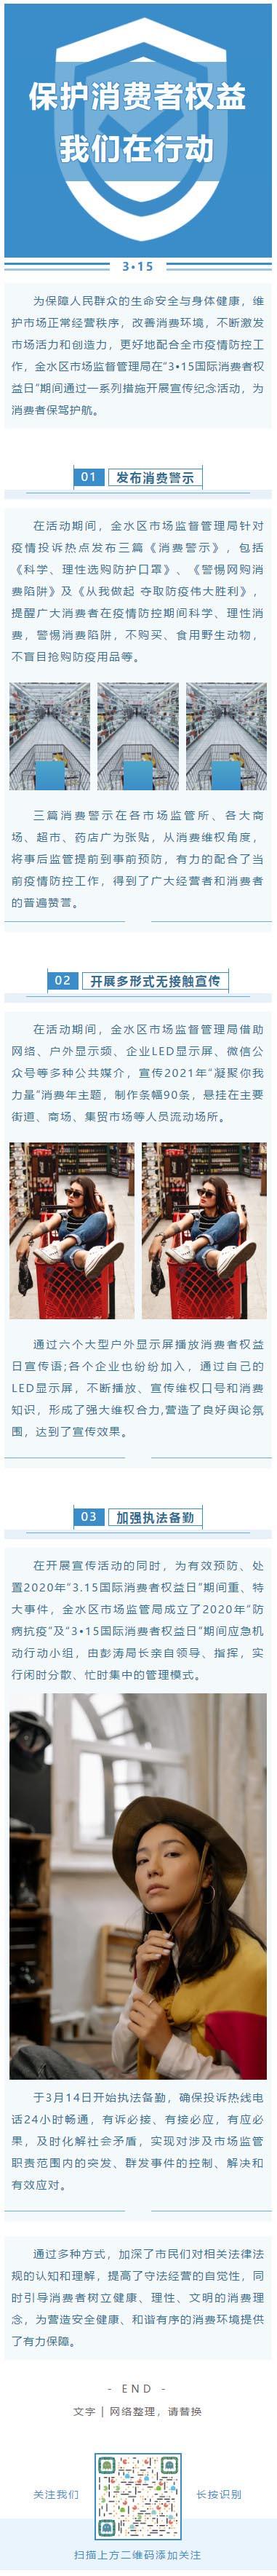 3•15国际消费者权益日微信模板公众号推送图文素材推文文章模板